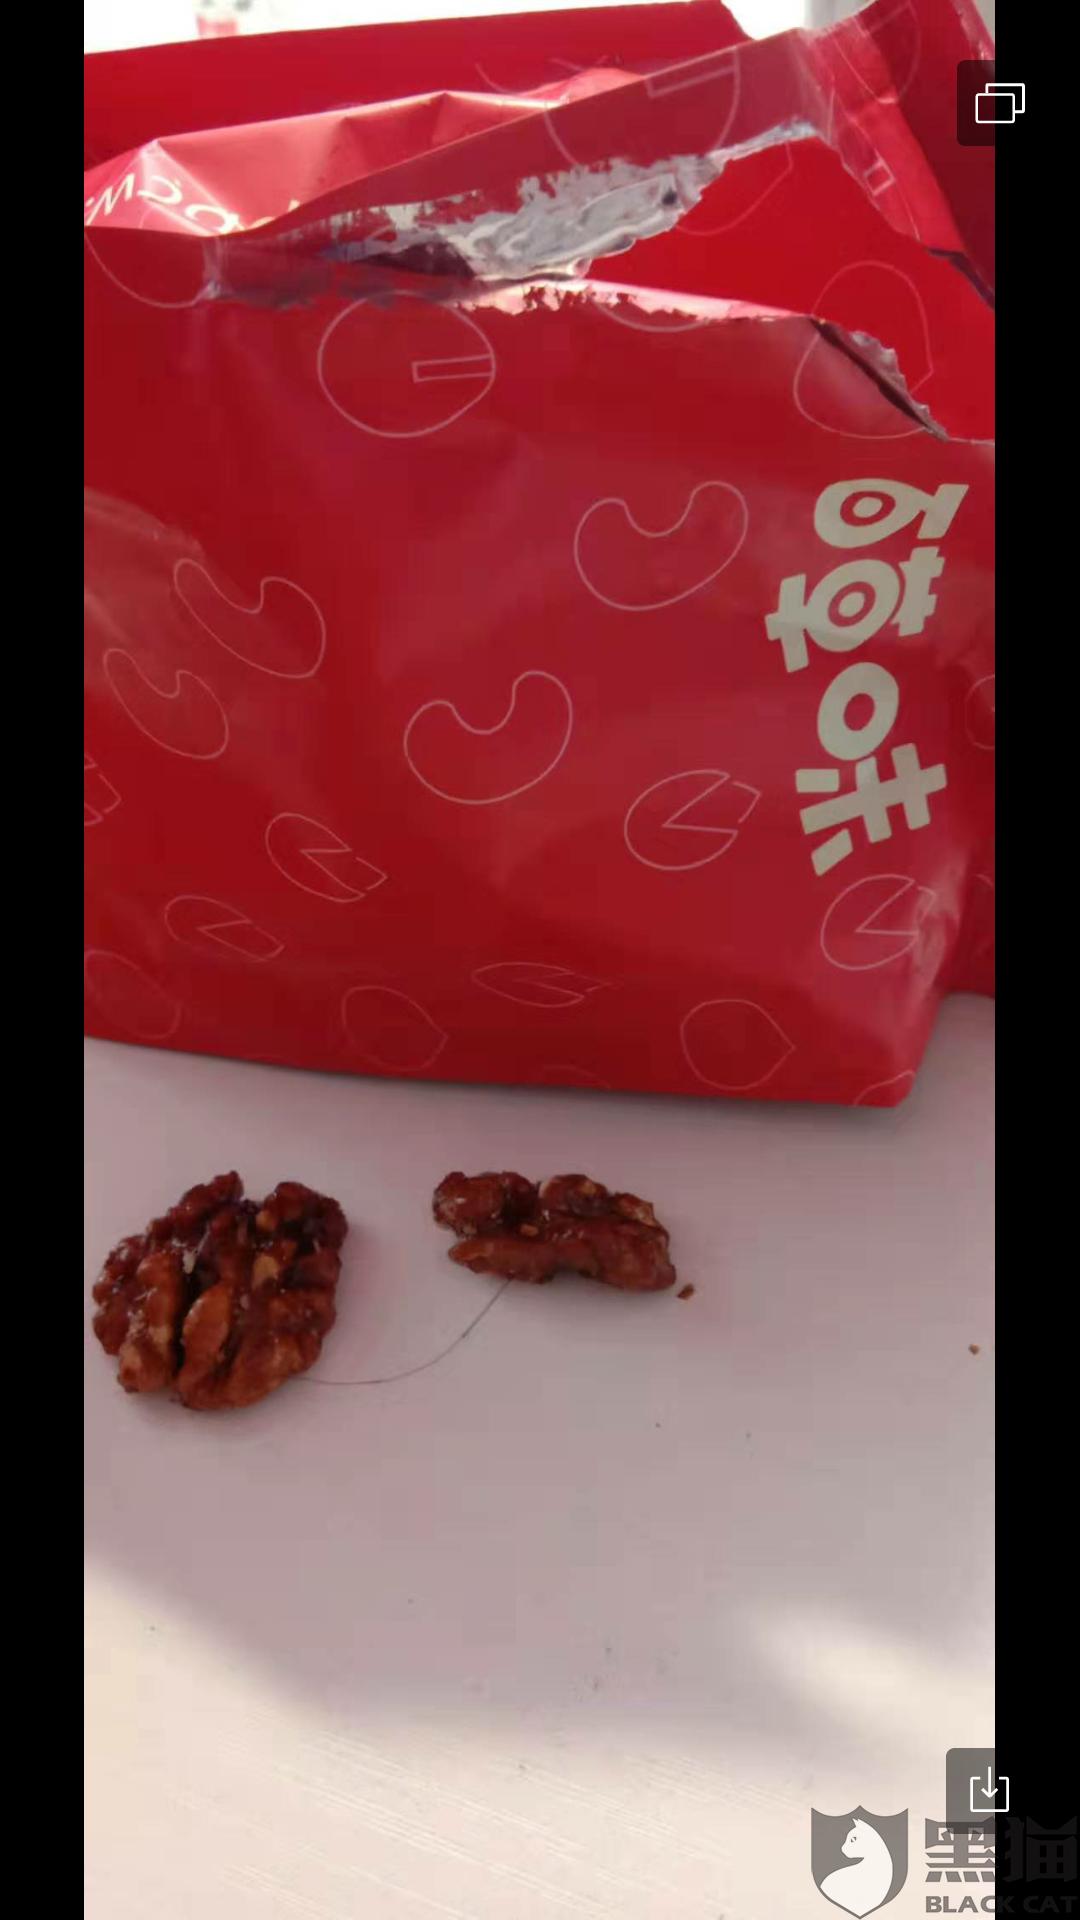 黑猫投诉:百草味礼盒琥珀桃仁里有一根头发